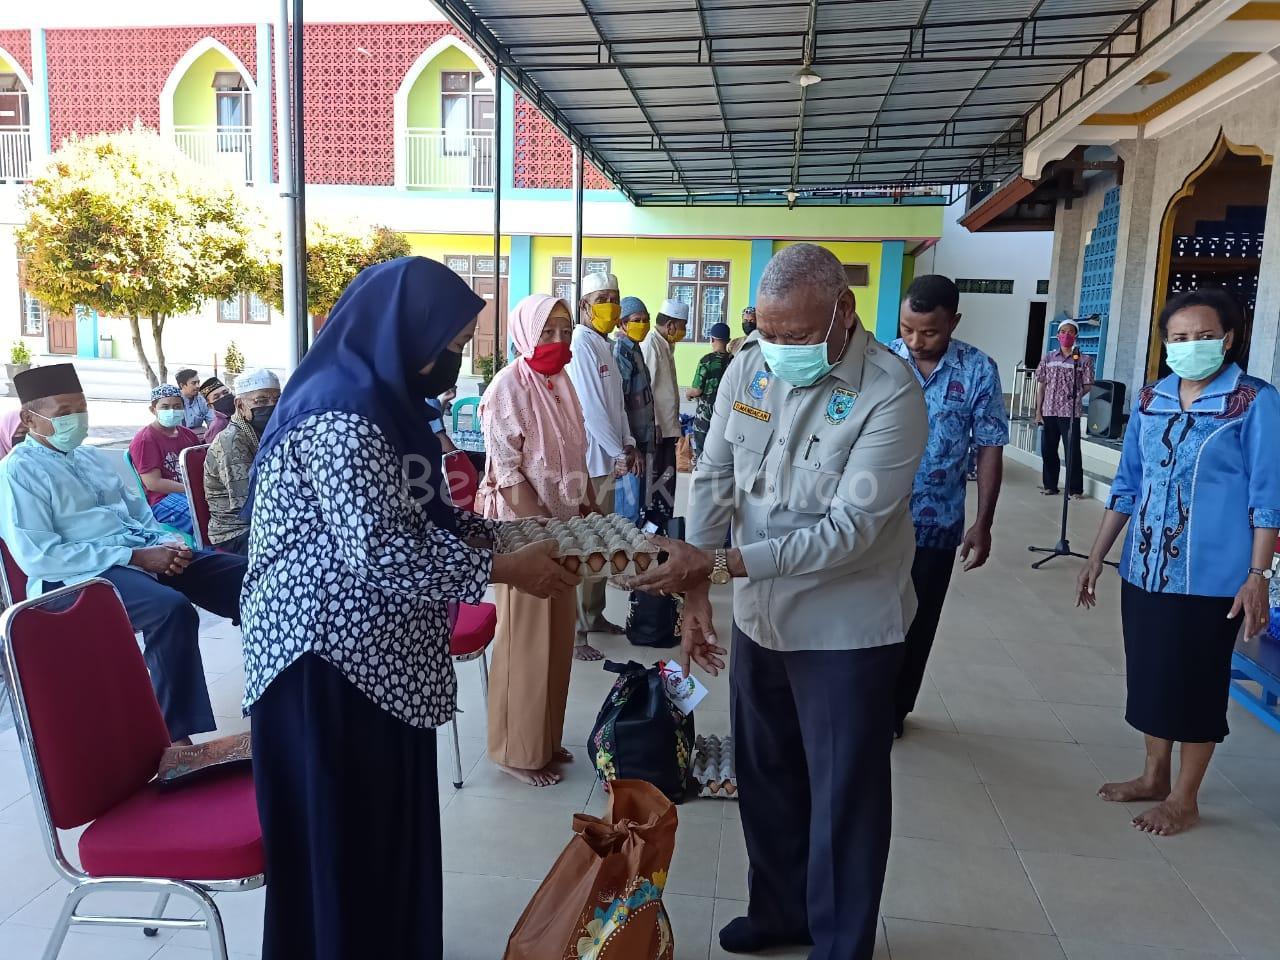 Peduli Umat, Keluarga Mandacan-Kiriweno Serahkan 1.250 Paket Bapok ke Gereja Dan Masjid 1 IMG 20200416 WA0055 1